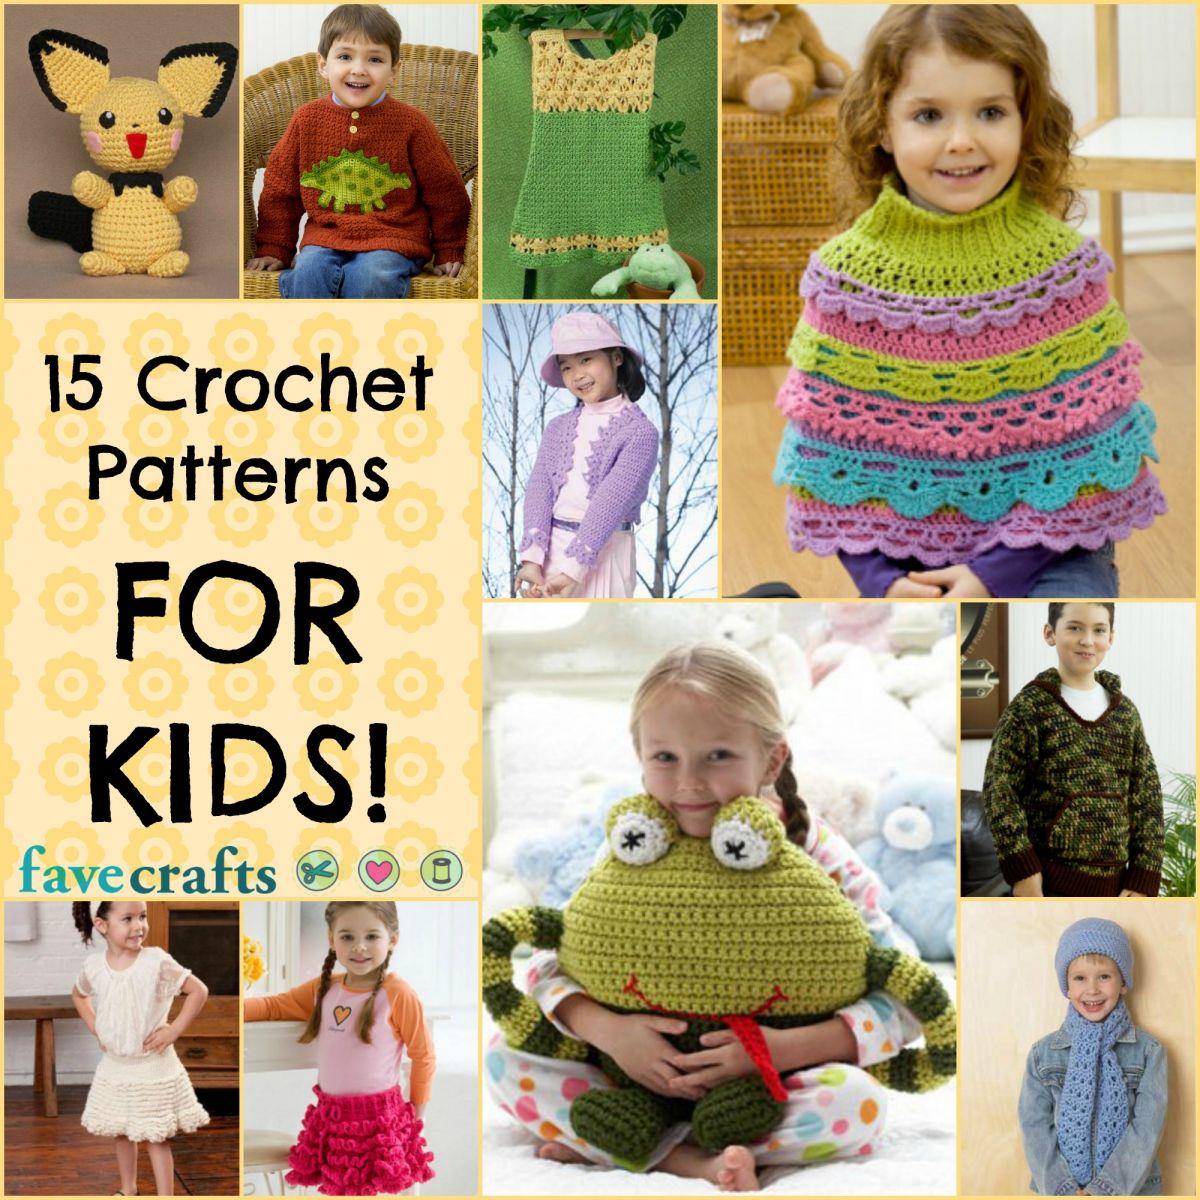 Crochet for kids 15 free crochet patterns favecrafts crochet for kids 15 free crochet patterns bankloansurffo Gallery